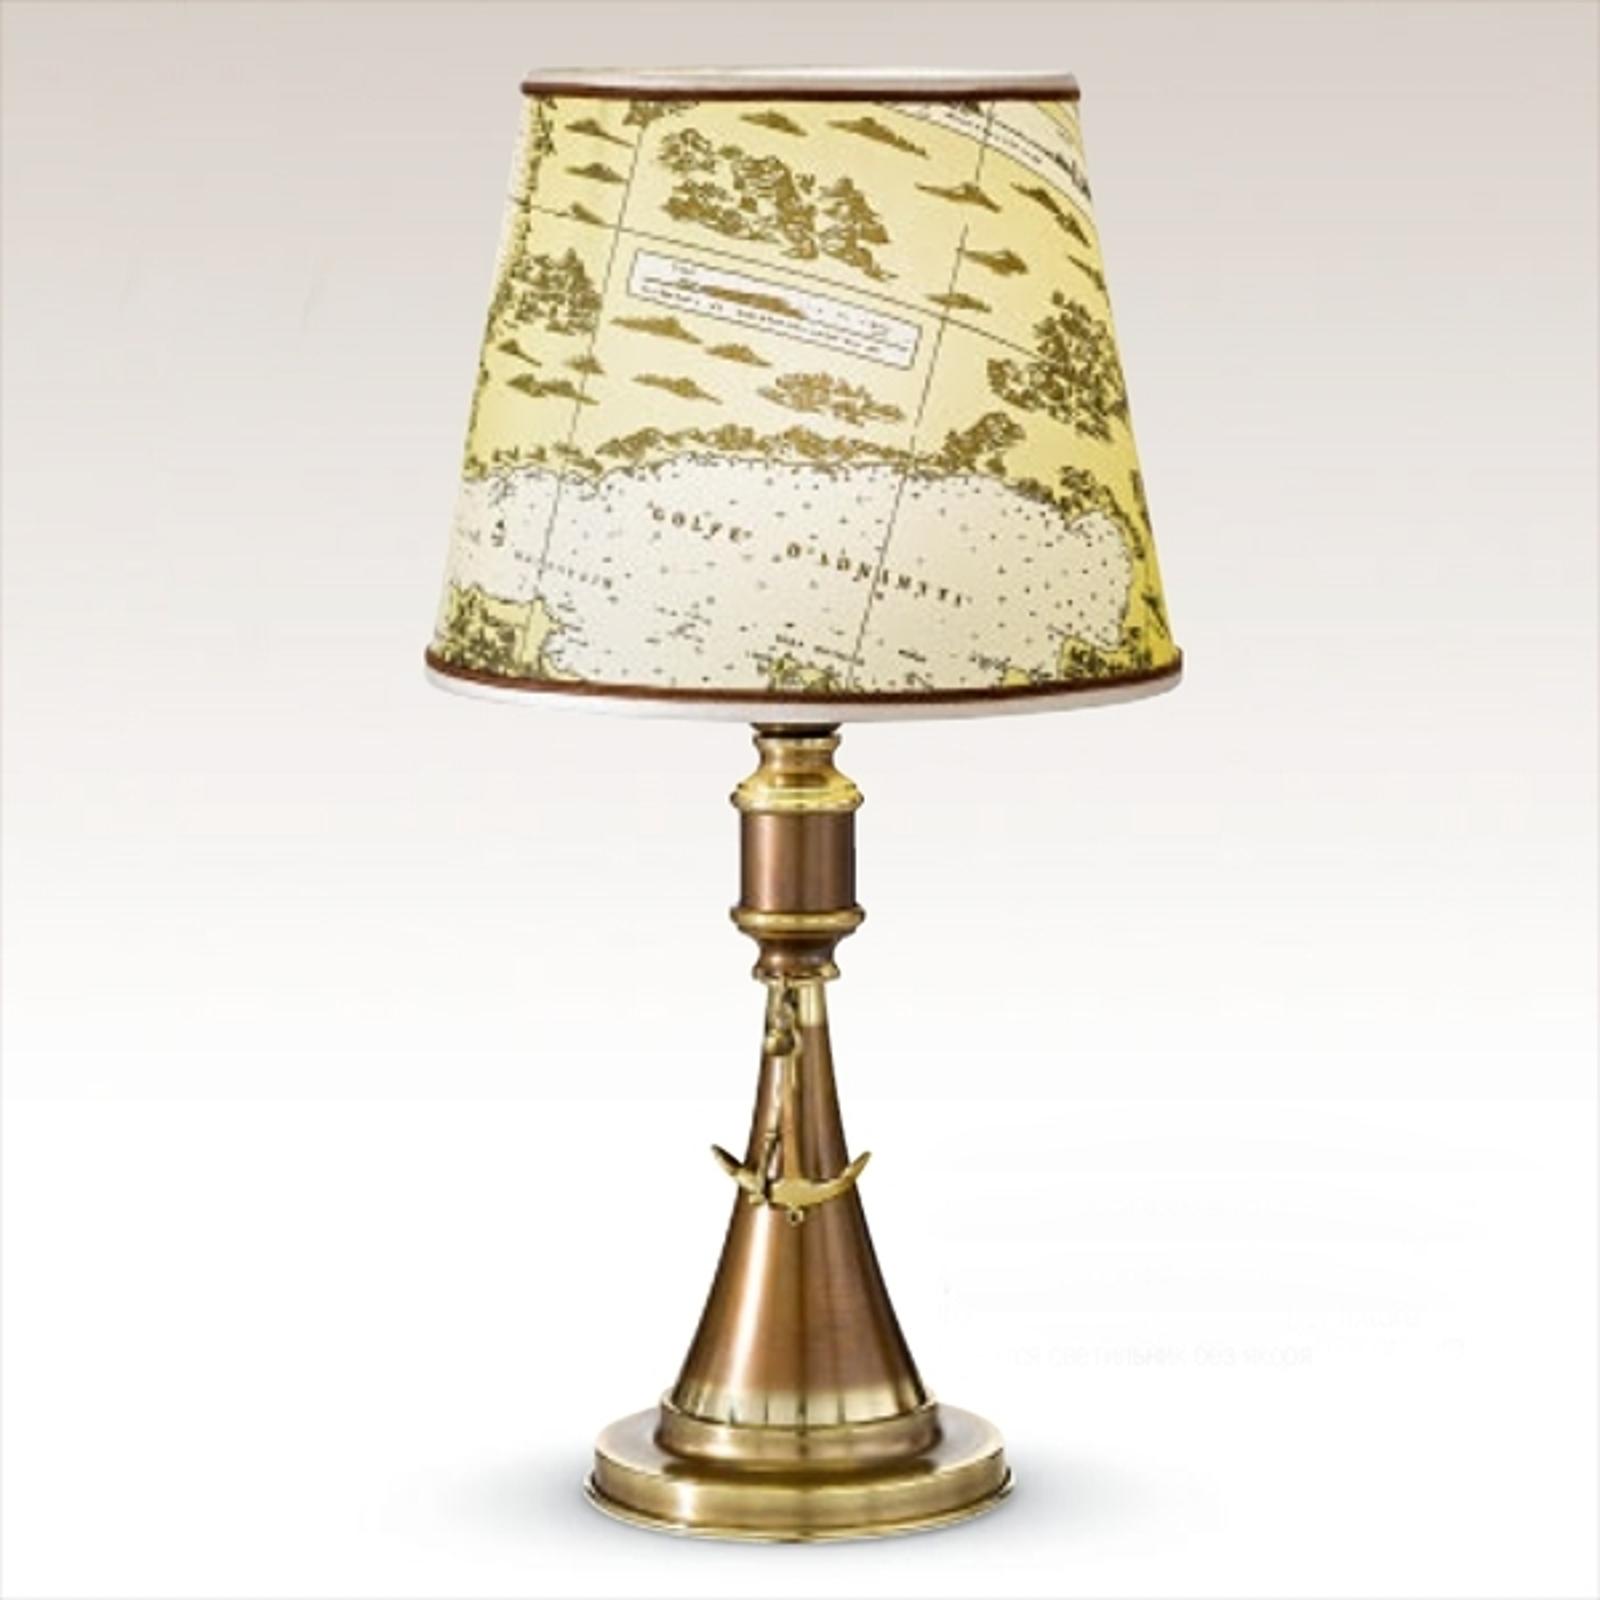 Lampa stołowa Laguna, marynarskie wzornictwo 48 cm